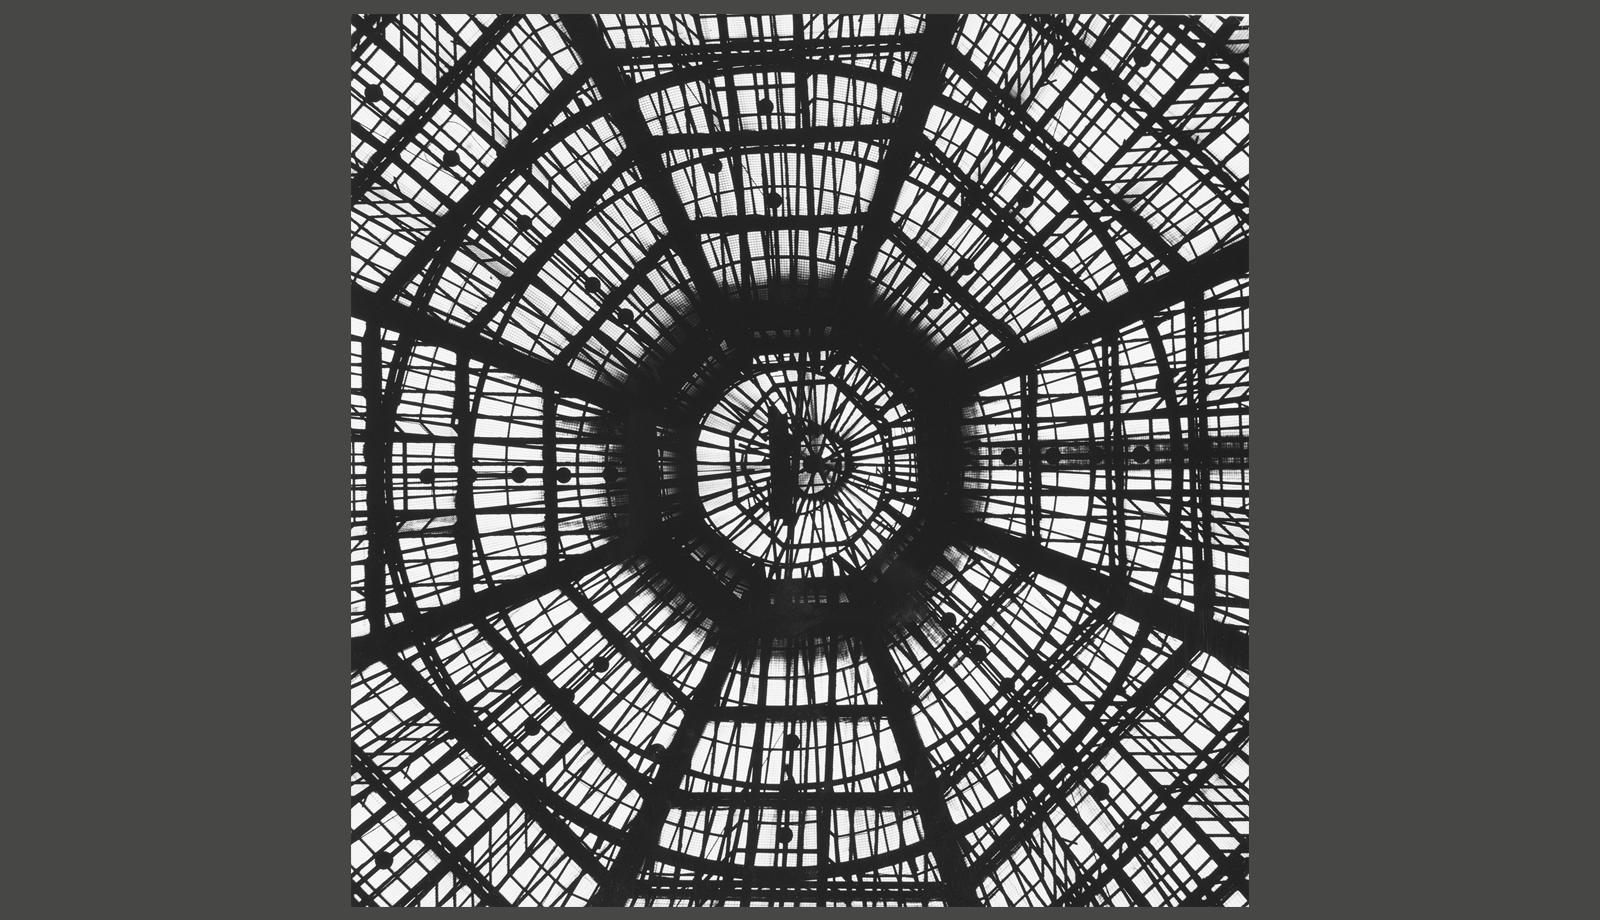 181101_Designteorie_ReneSpitz_Die-Ulmer-Moderne-und-die-Magie-des-Rationalen